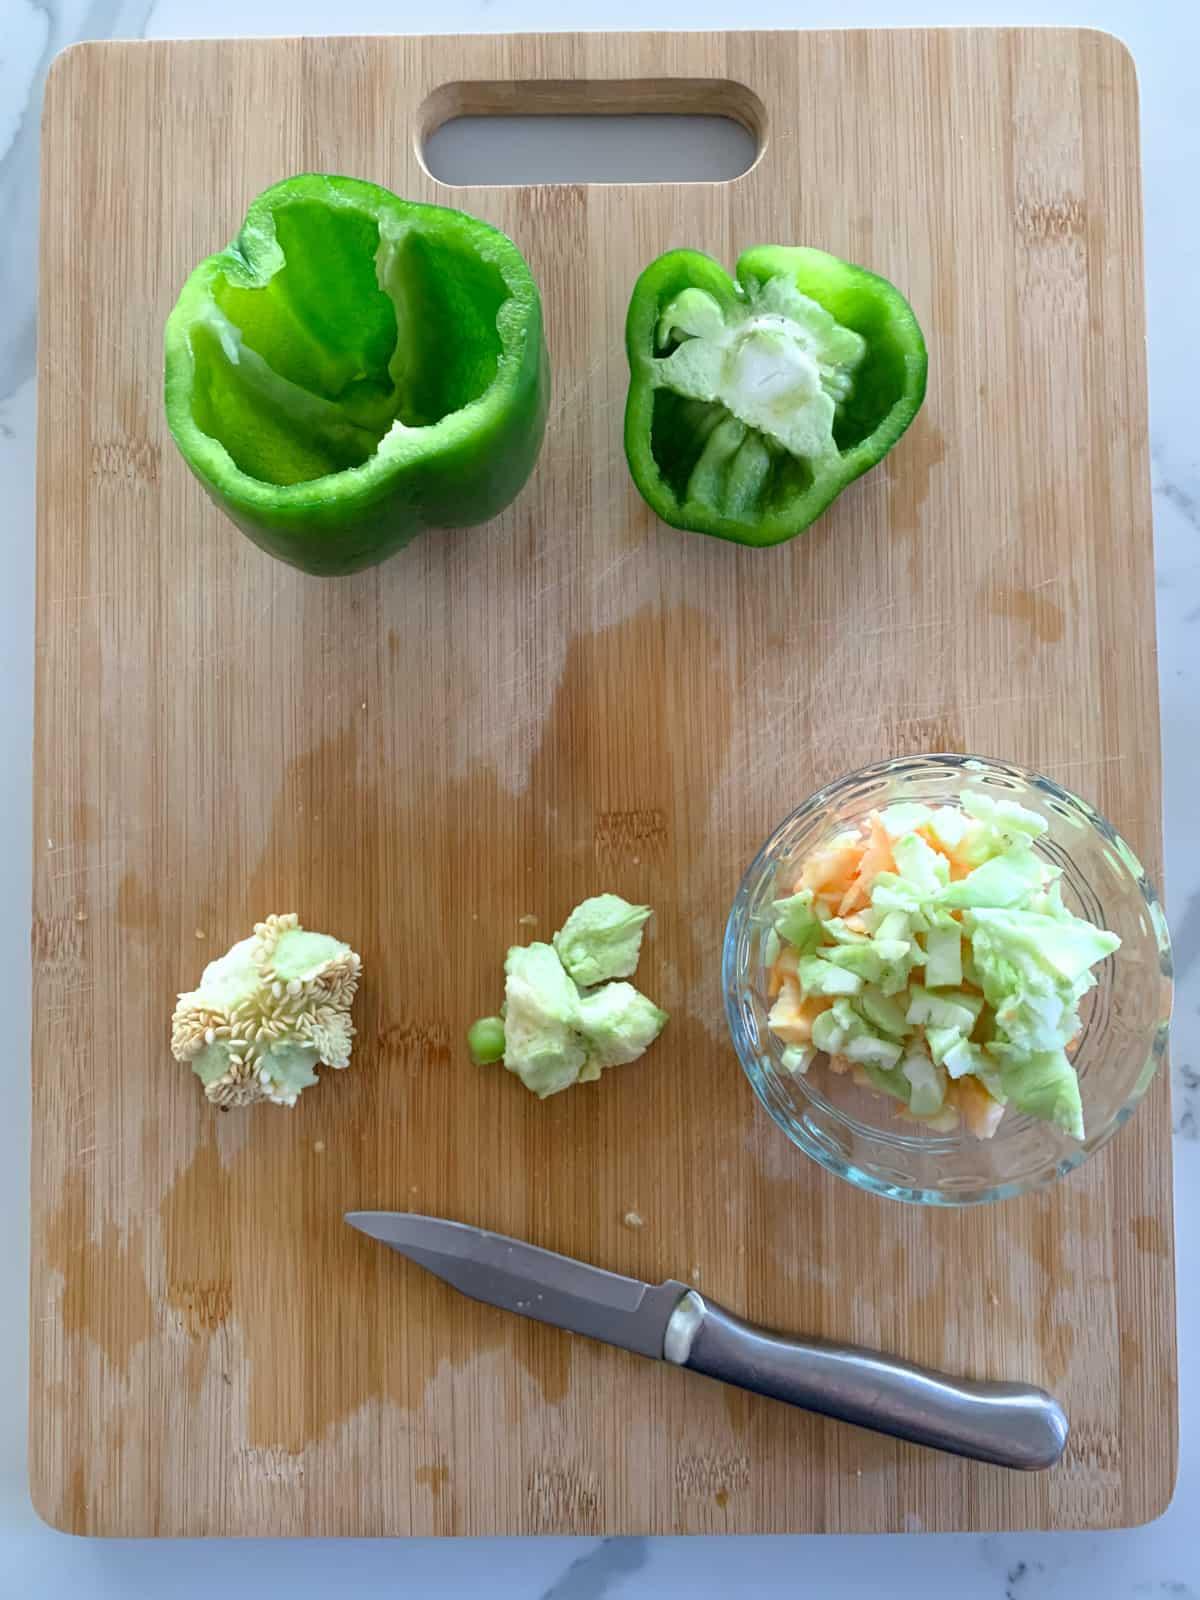 cutting the core of a green capsicum